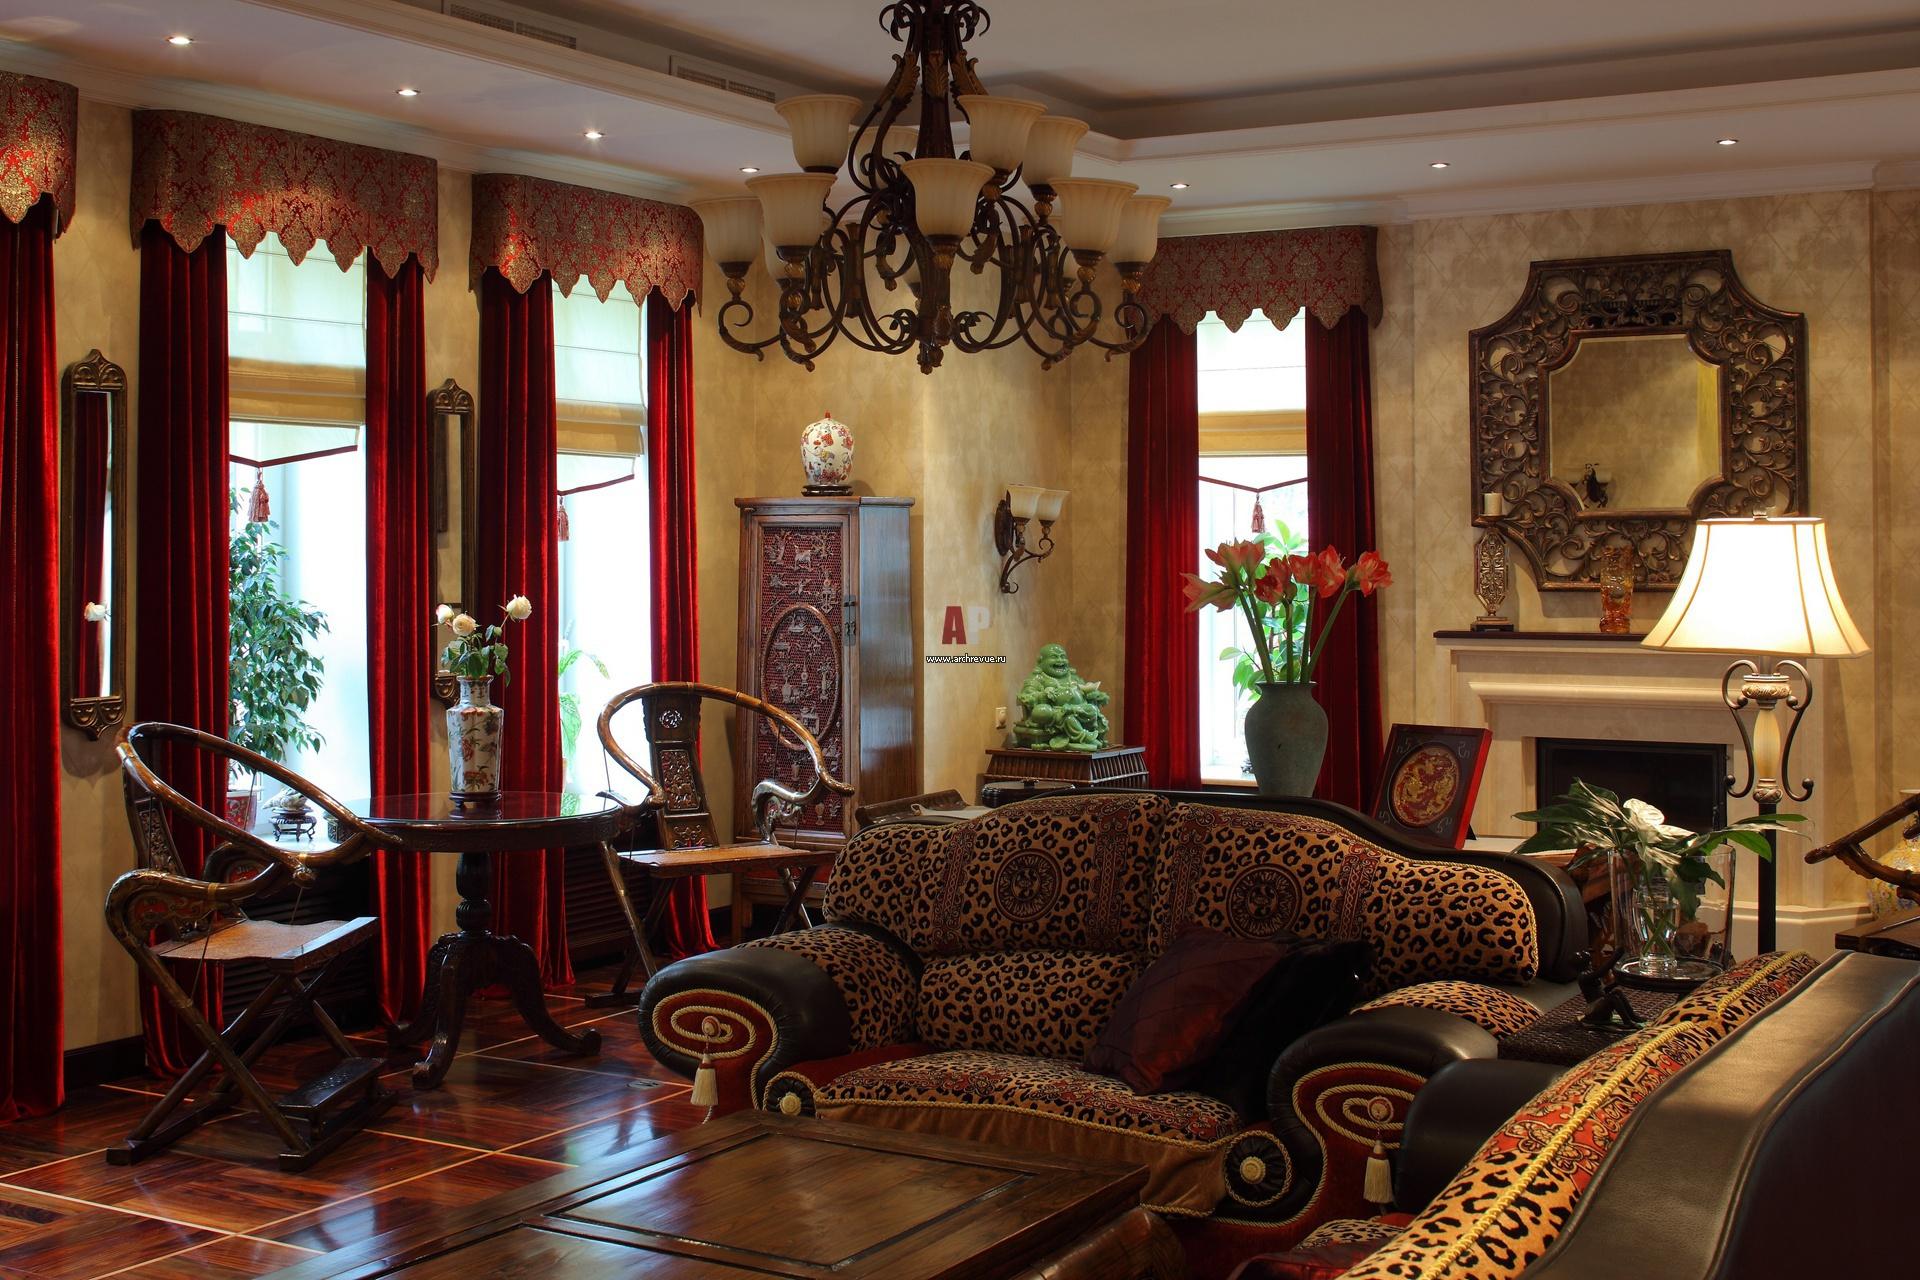 Фото интерьера гостиной дома в восточном стиле